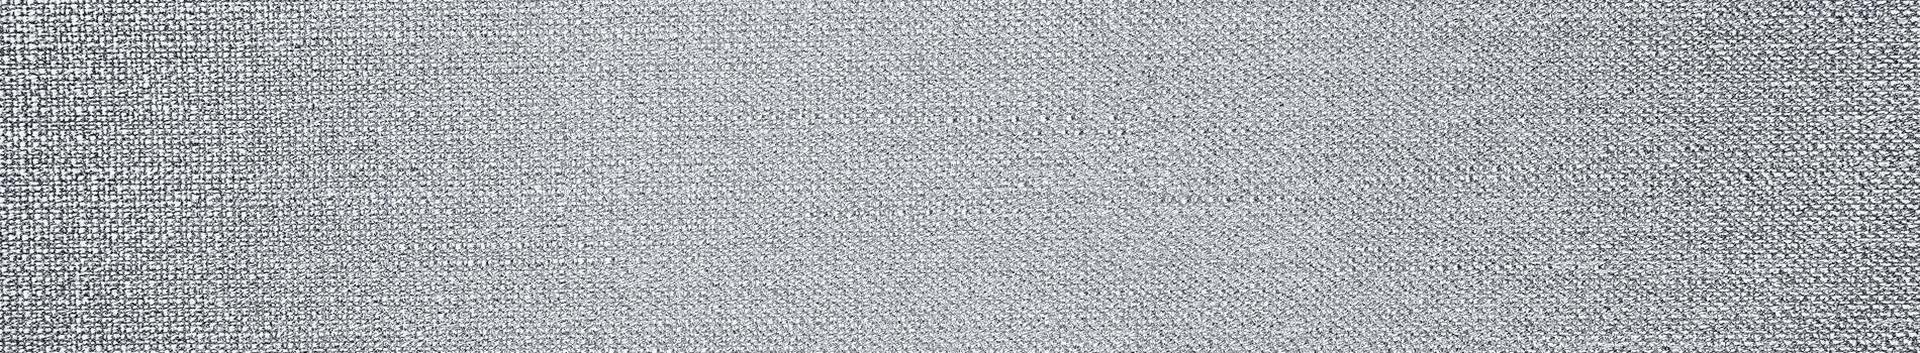 47511_tekstiiltoodete-jaemuuk_34319432_xl.jpg